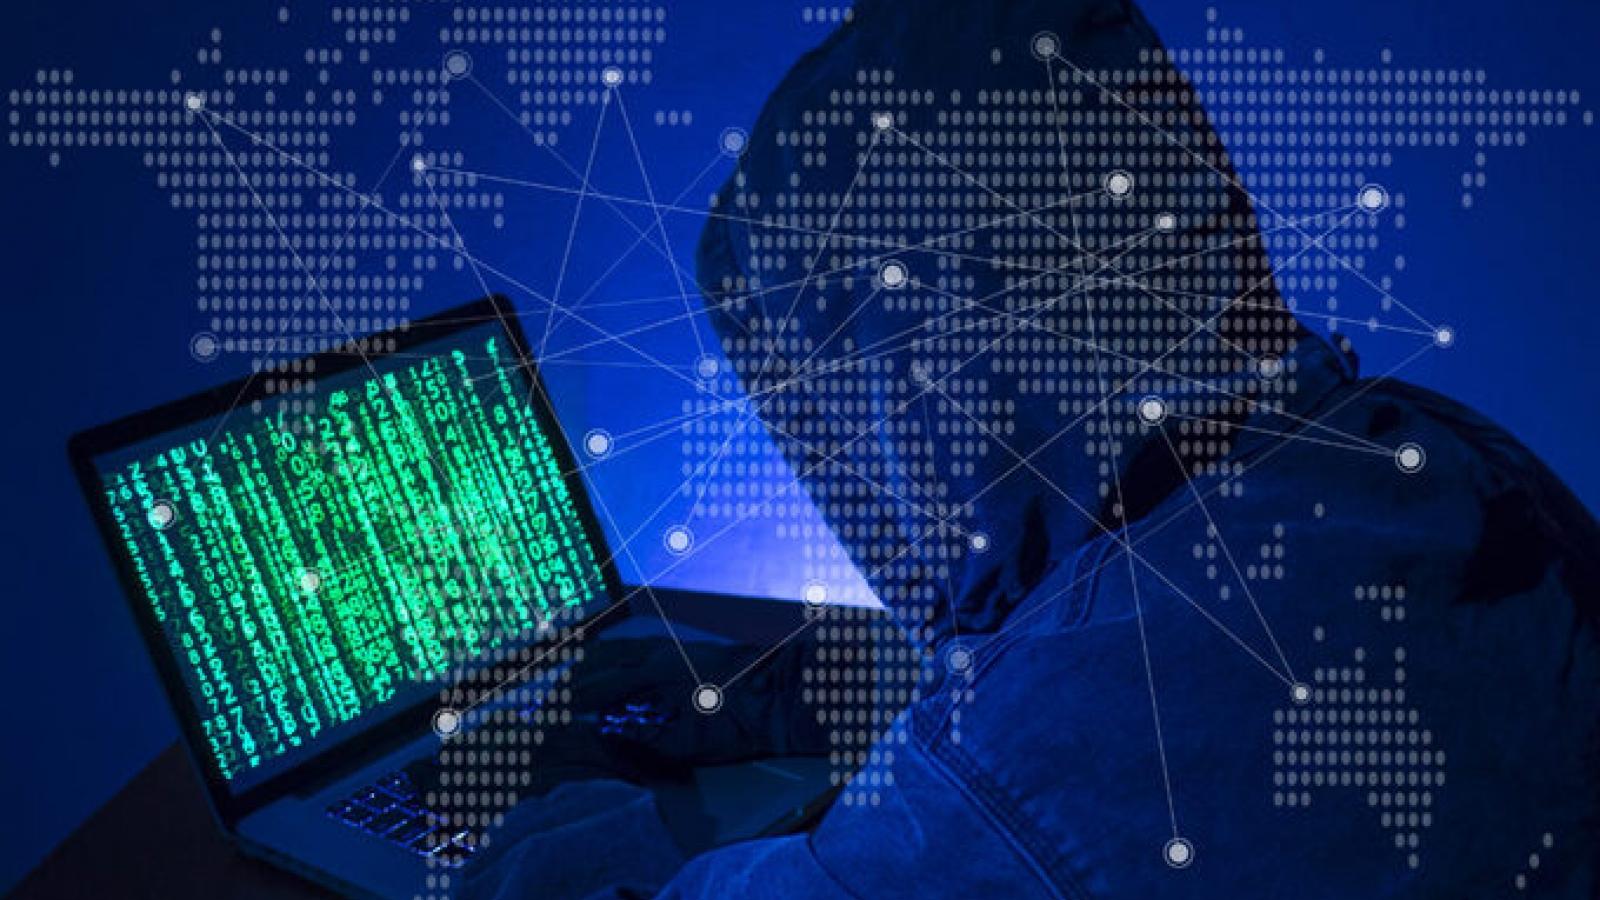 Mỹ tố tin tặc Nga phát động cuộc tấn công mạng vào các cơ quan chính phủ